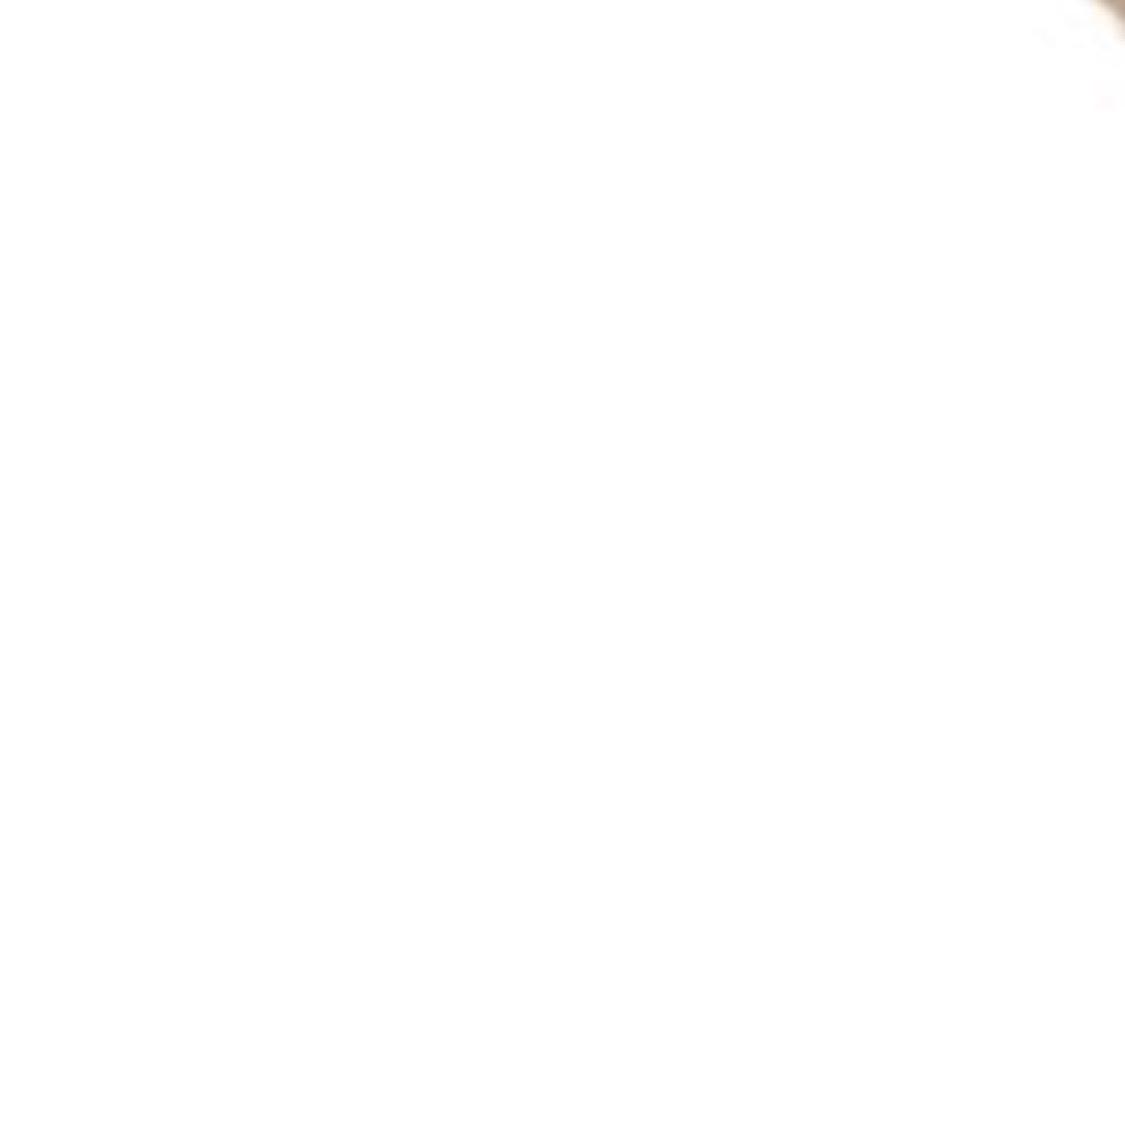 病みメイク(メンヘラメイク)のBefore画像